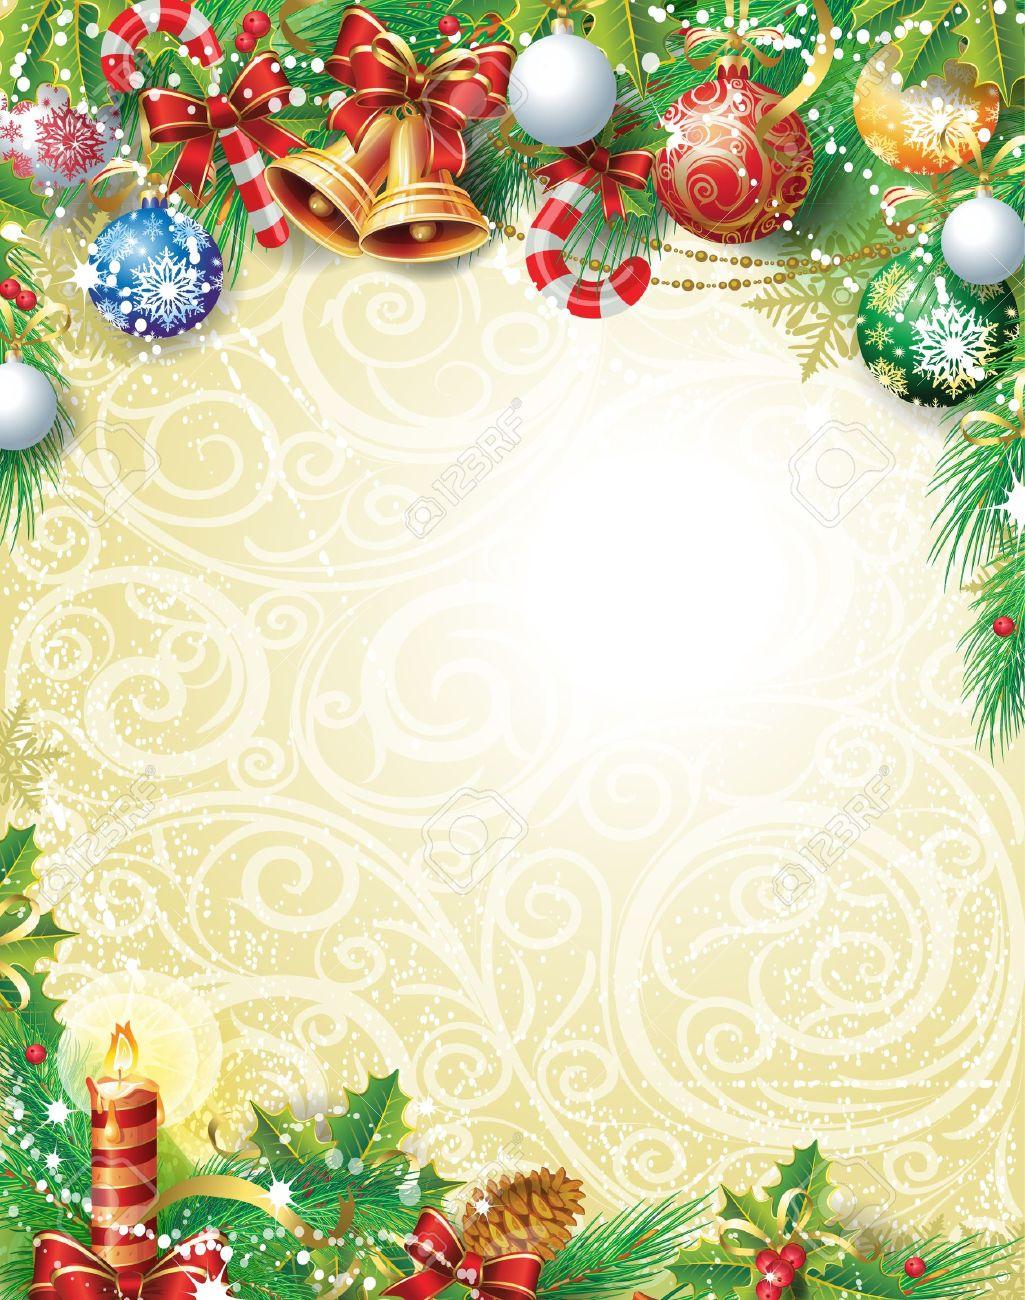 ビンテージ クリスマス背景 ロイヤリティフリークリップアート